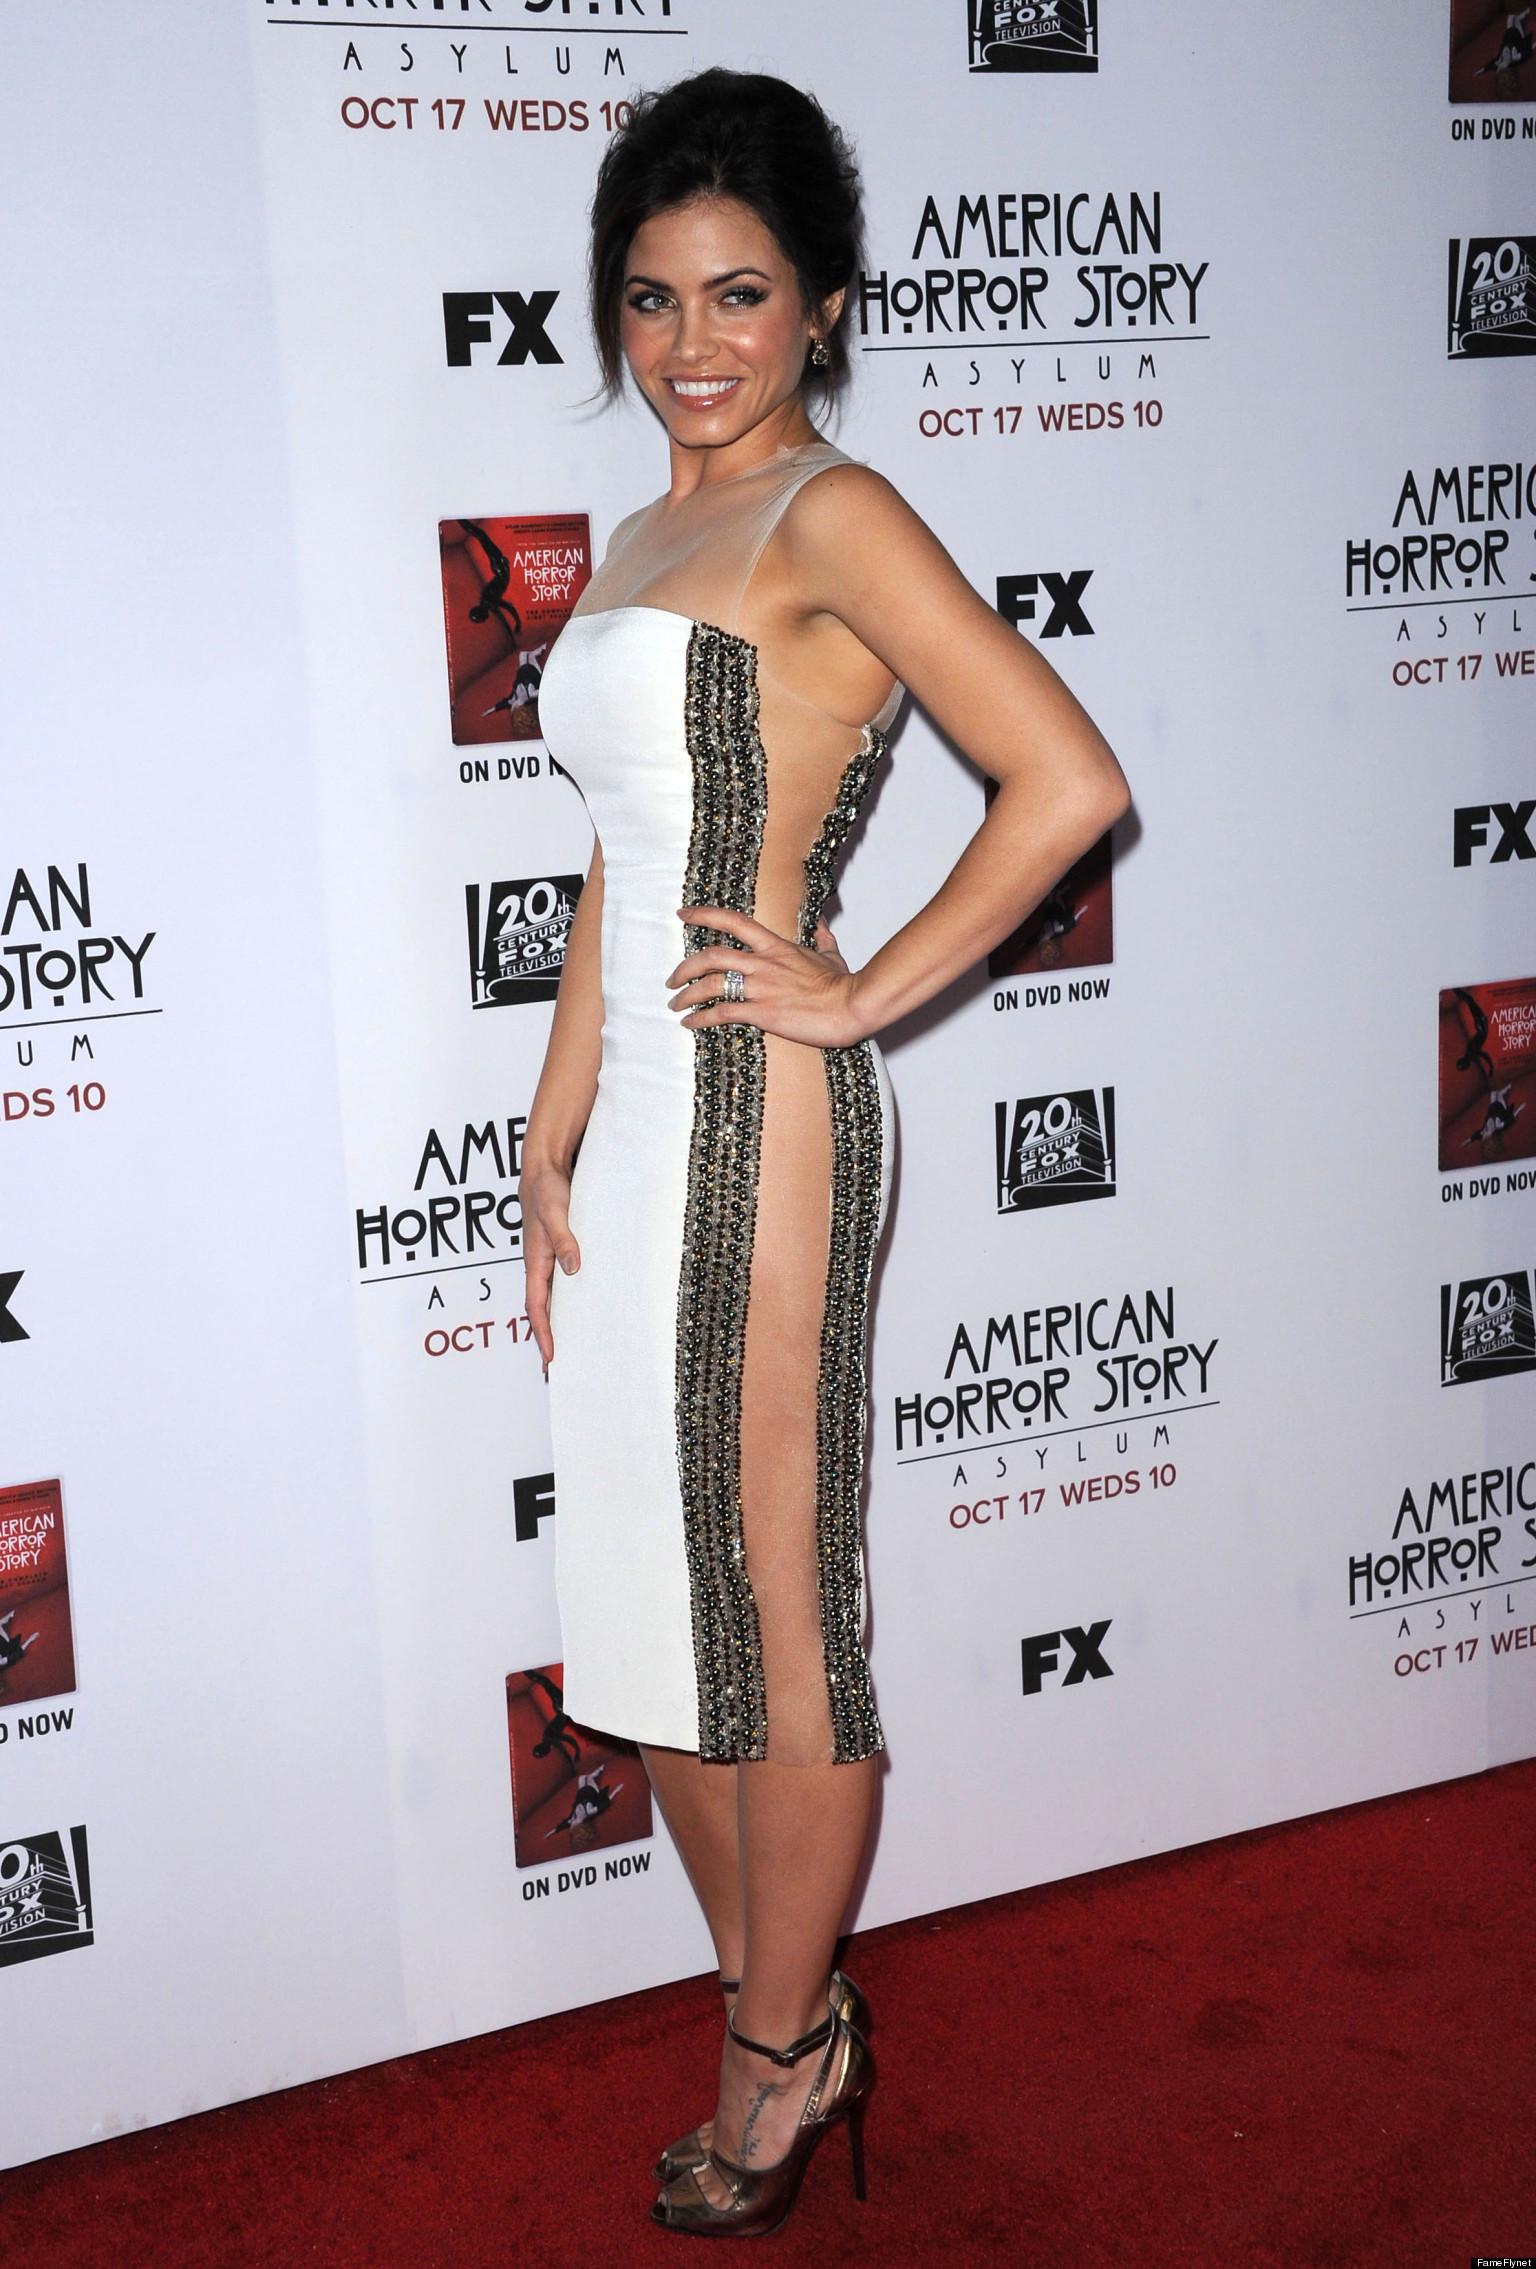 Jenna Dewan S American Horror Story Look Star Wears